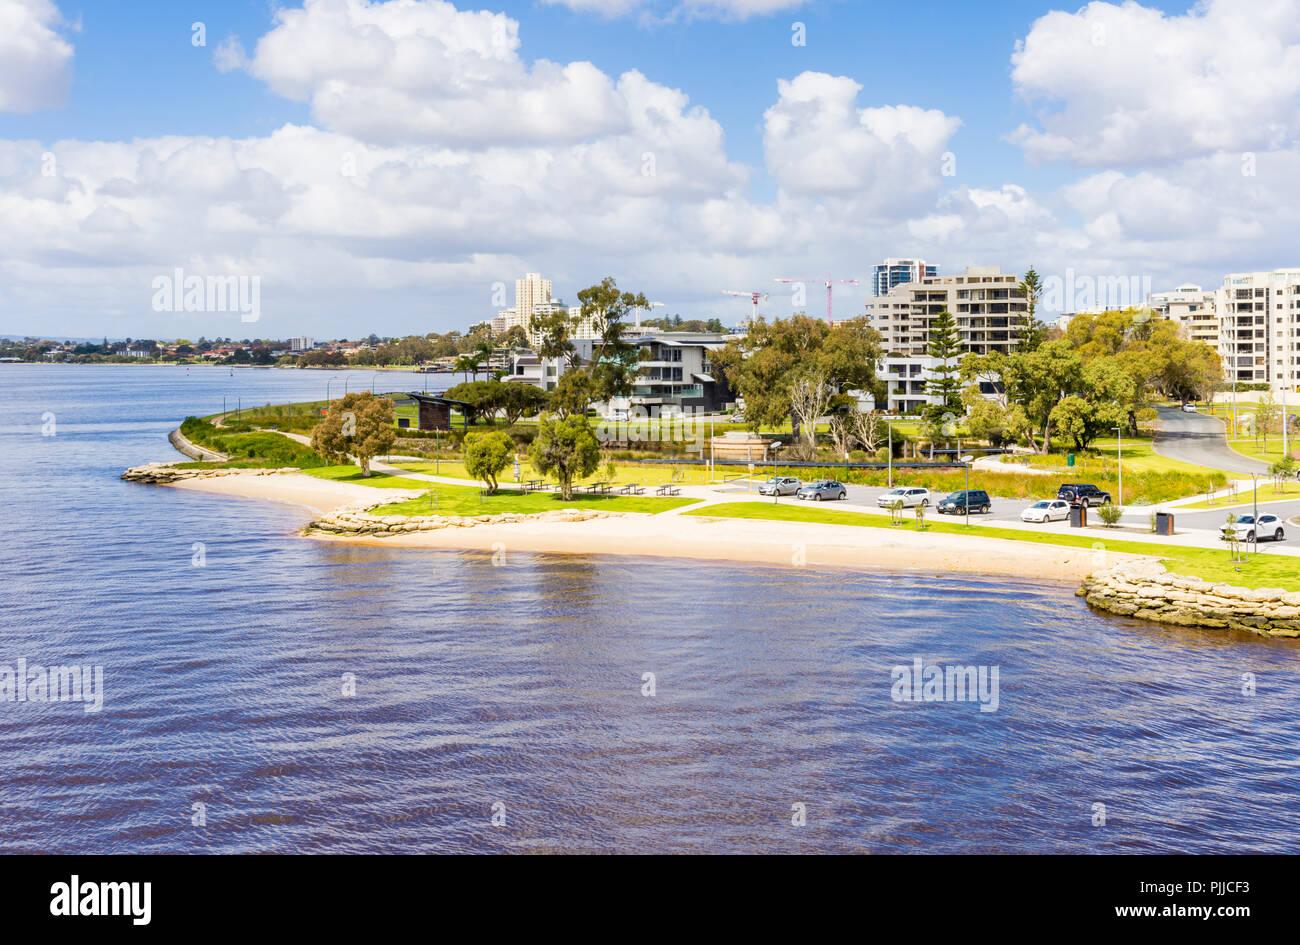 Pequeñas playas artificiales en el punto flatulencias al final de Mill Point Road, al sur de Perth, Australia Occidental Imagen De Stock